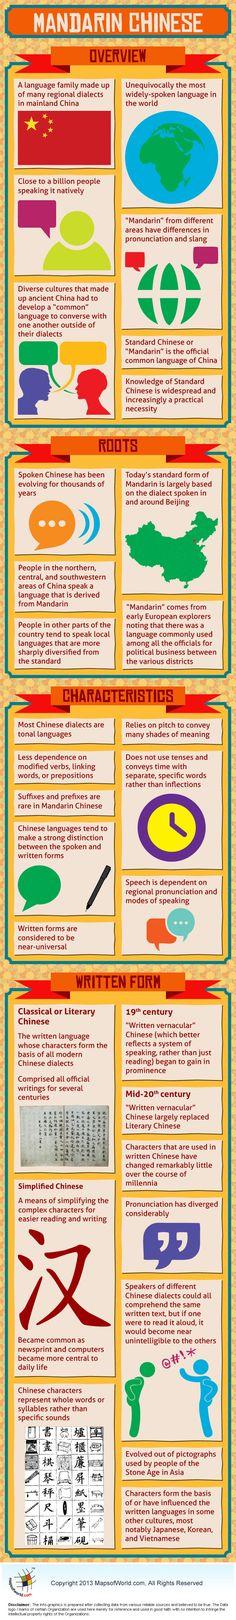 Infographic of Mandarin Chinese language